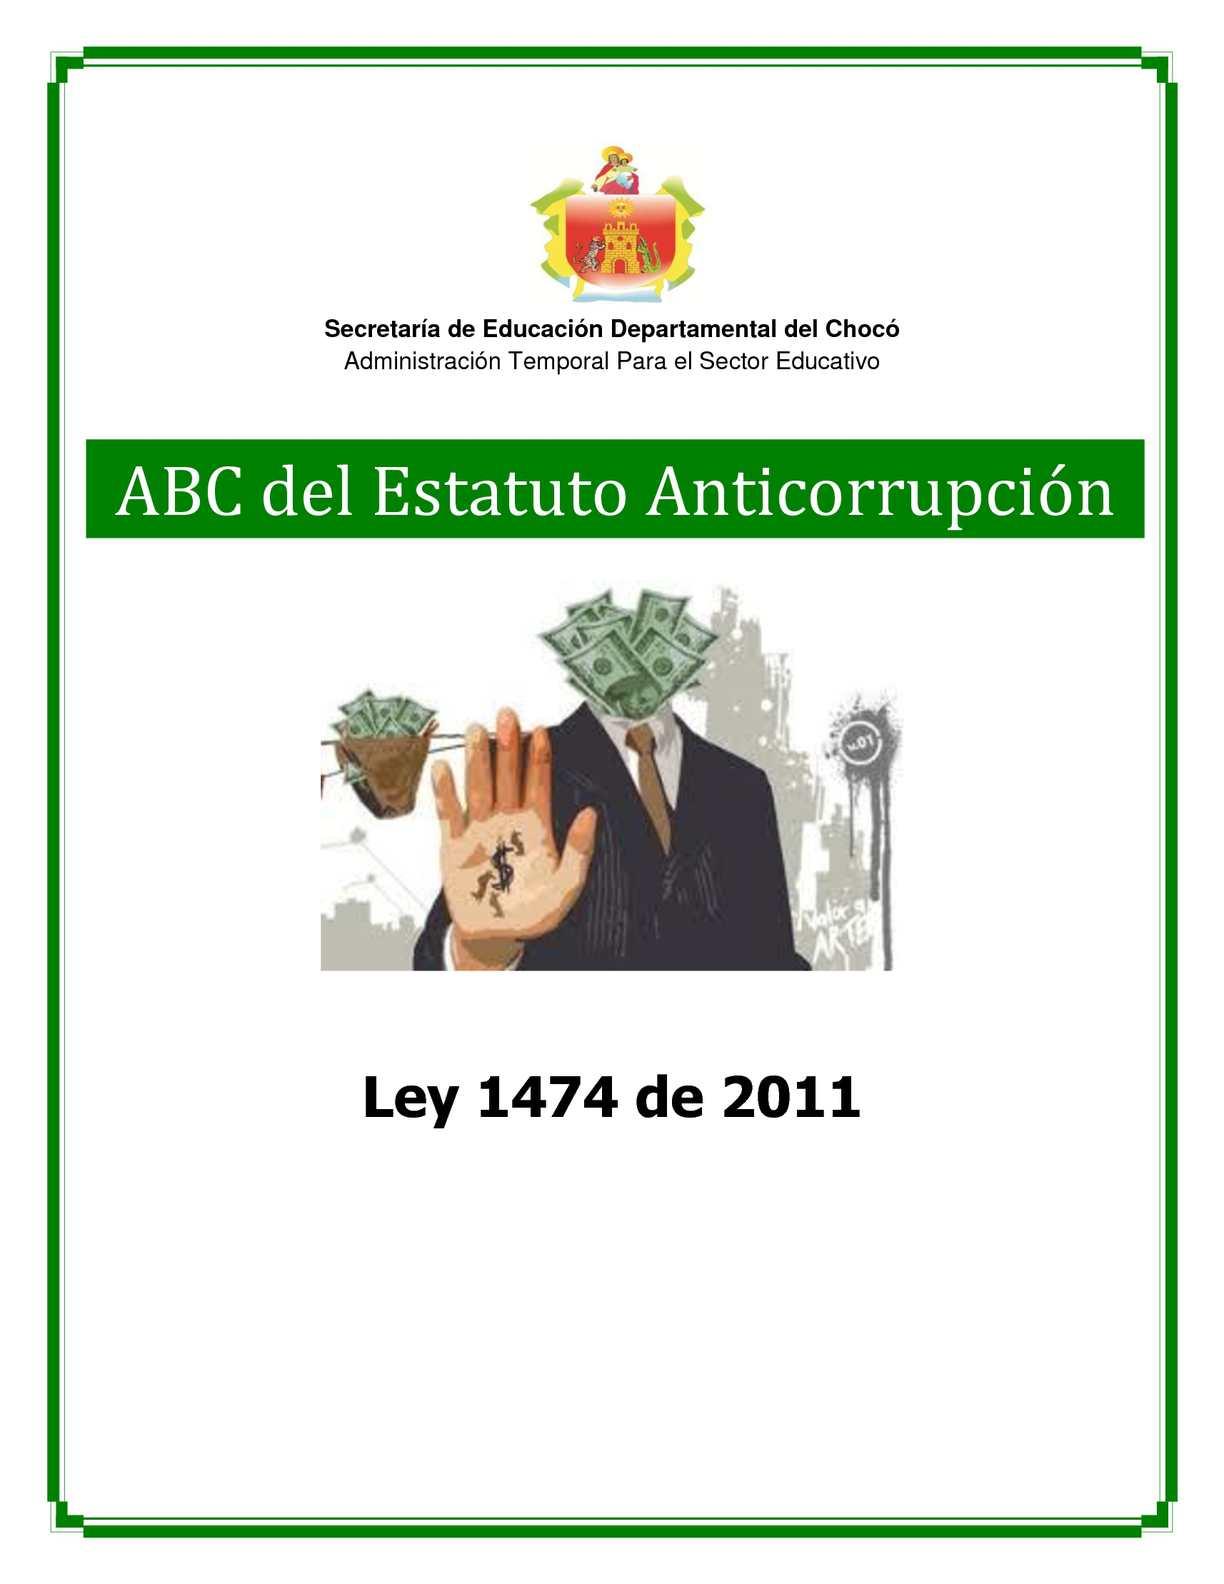 ABC del Estatuto Anticorrupción